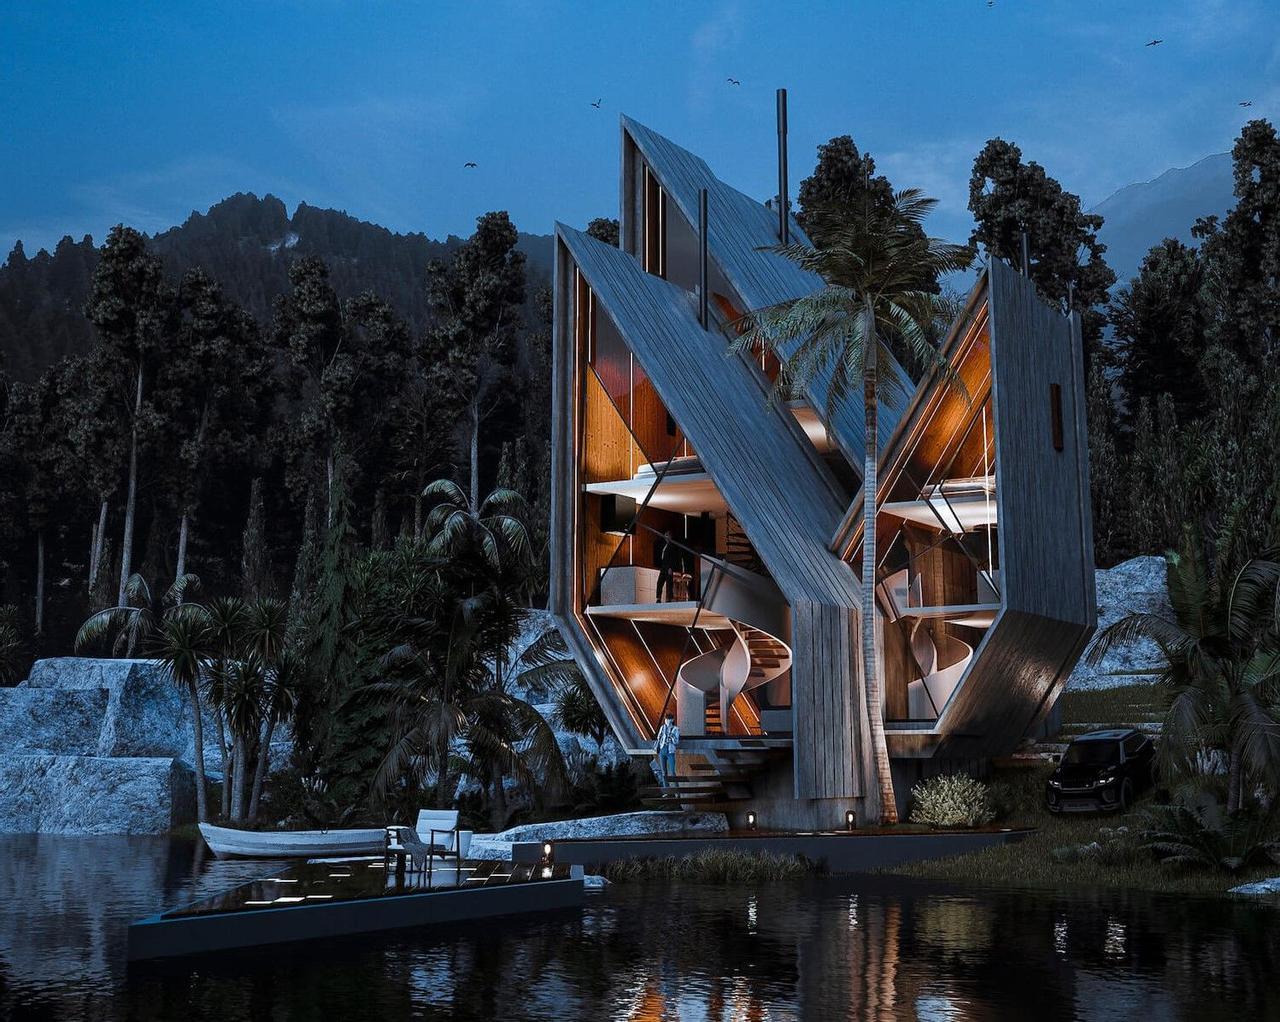 Кубинский «сломанный алмаз»: новая визуализация от Veliz Arquitecto, которая вдохновляет на поиски прекрасного